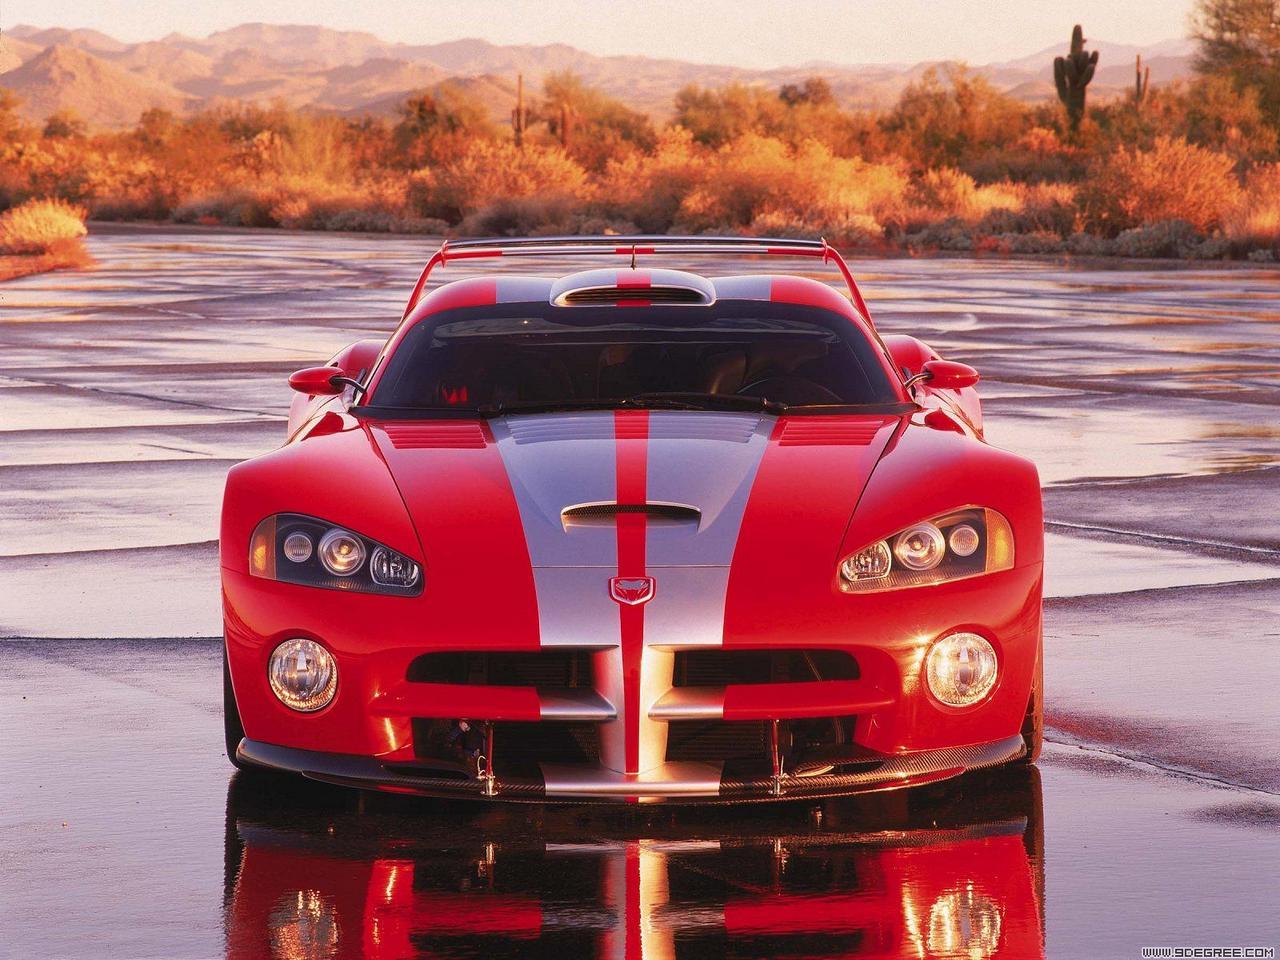 道奇蝰蛇价格 道奇蝰蛇跑车价格 道奇蝰蛇2014款价格 高清图片